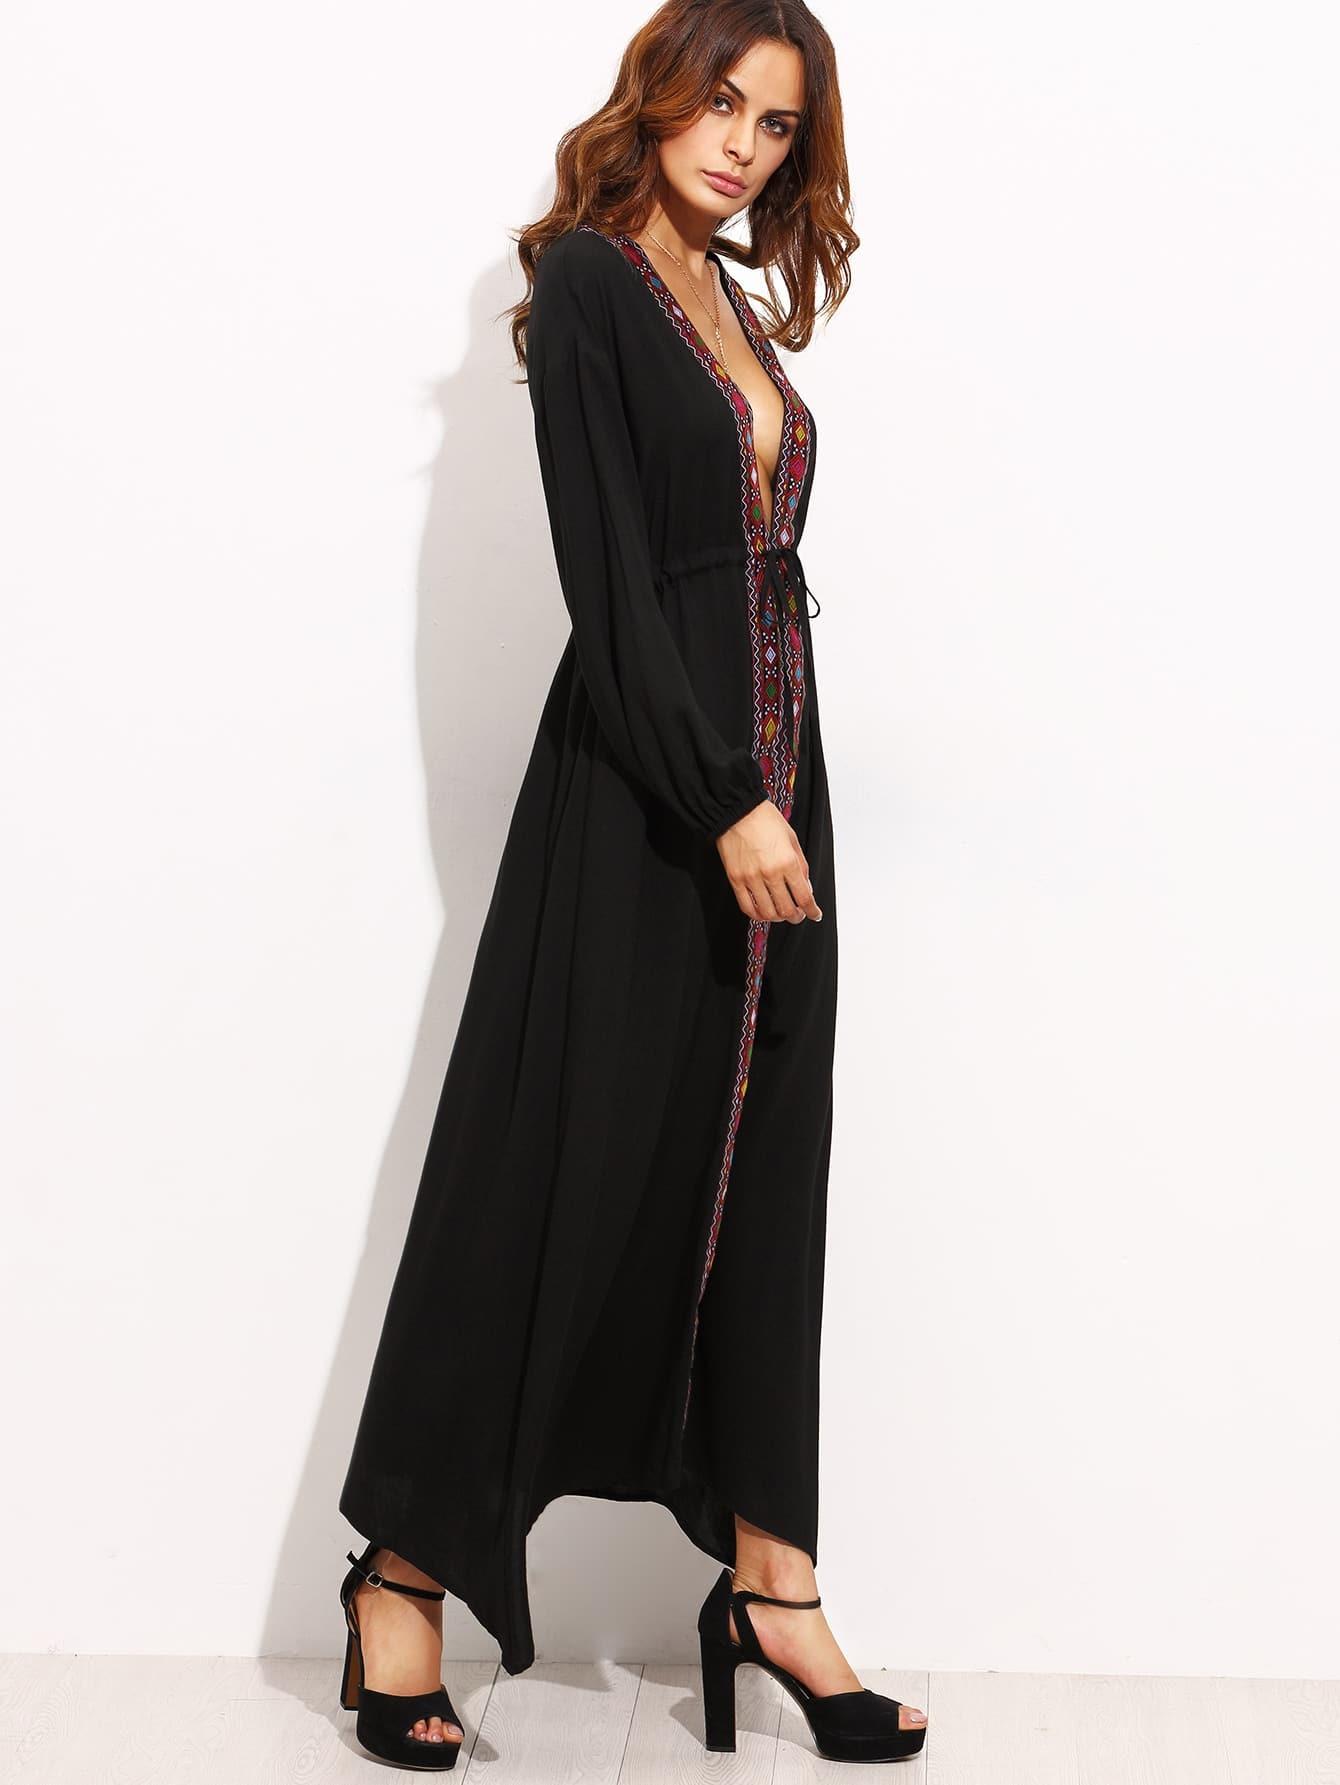 dress160726705_4